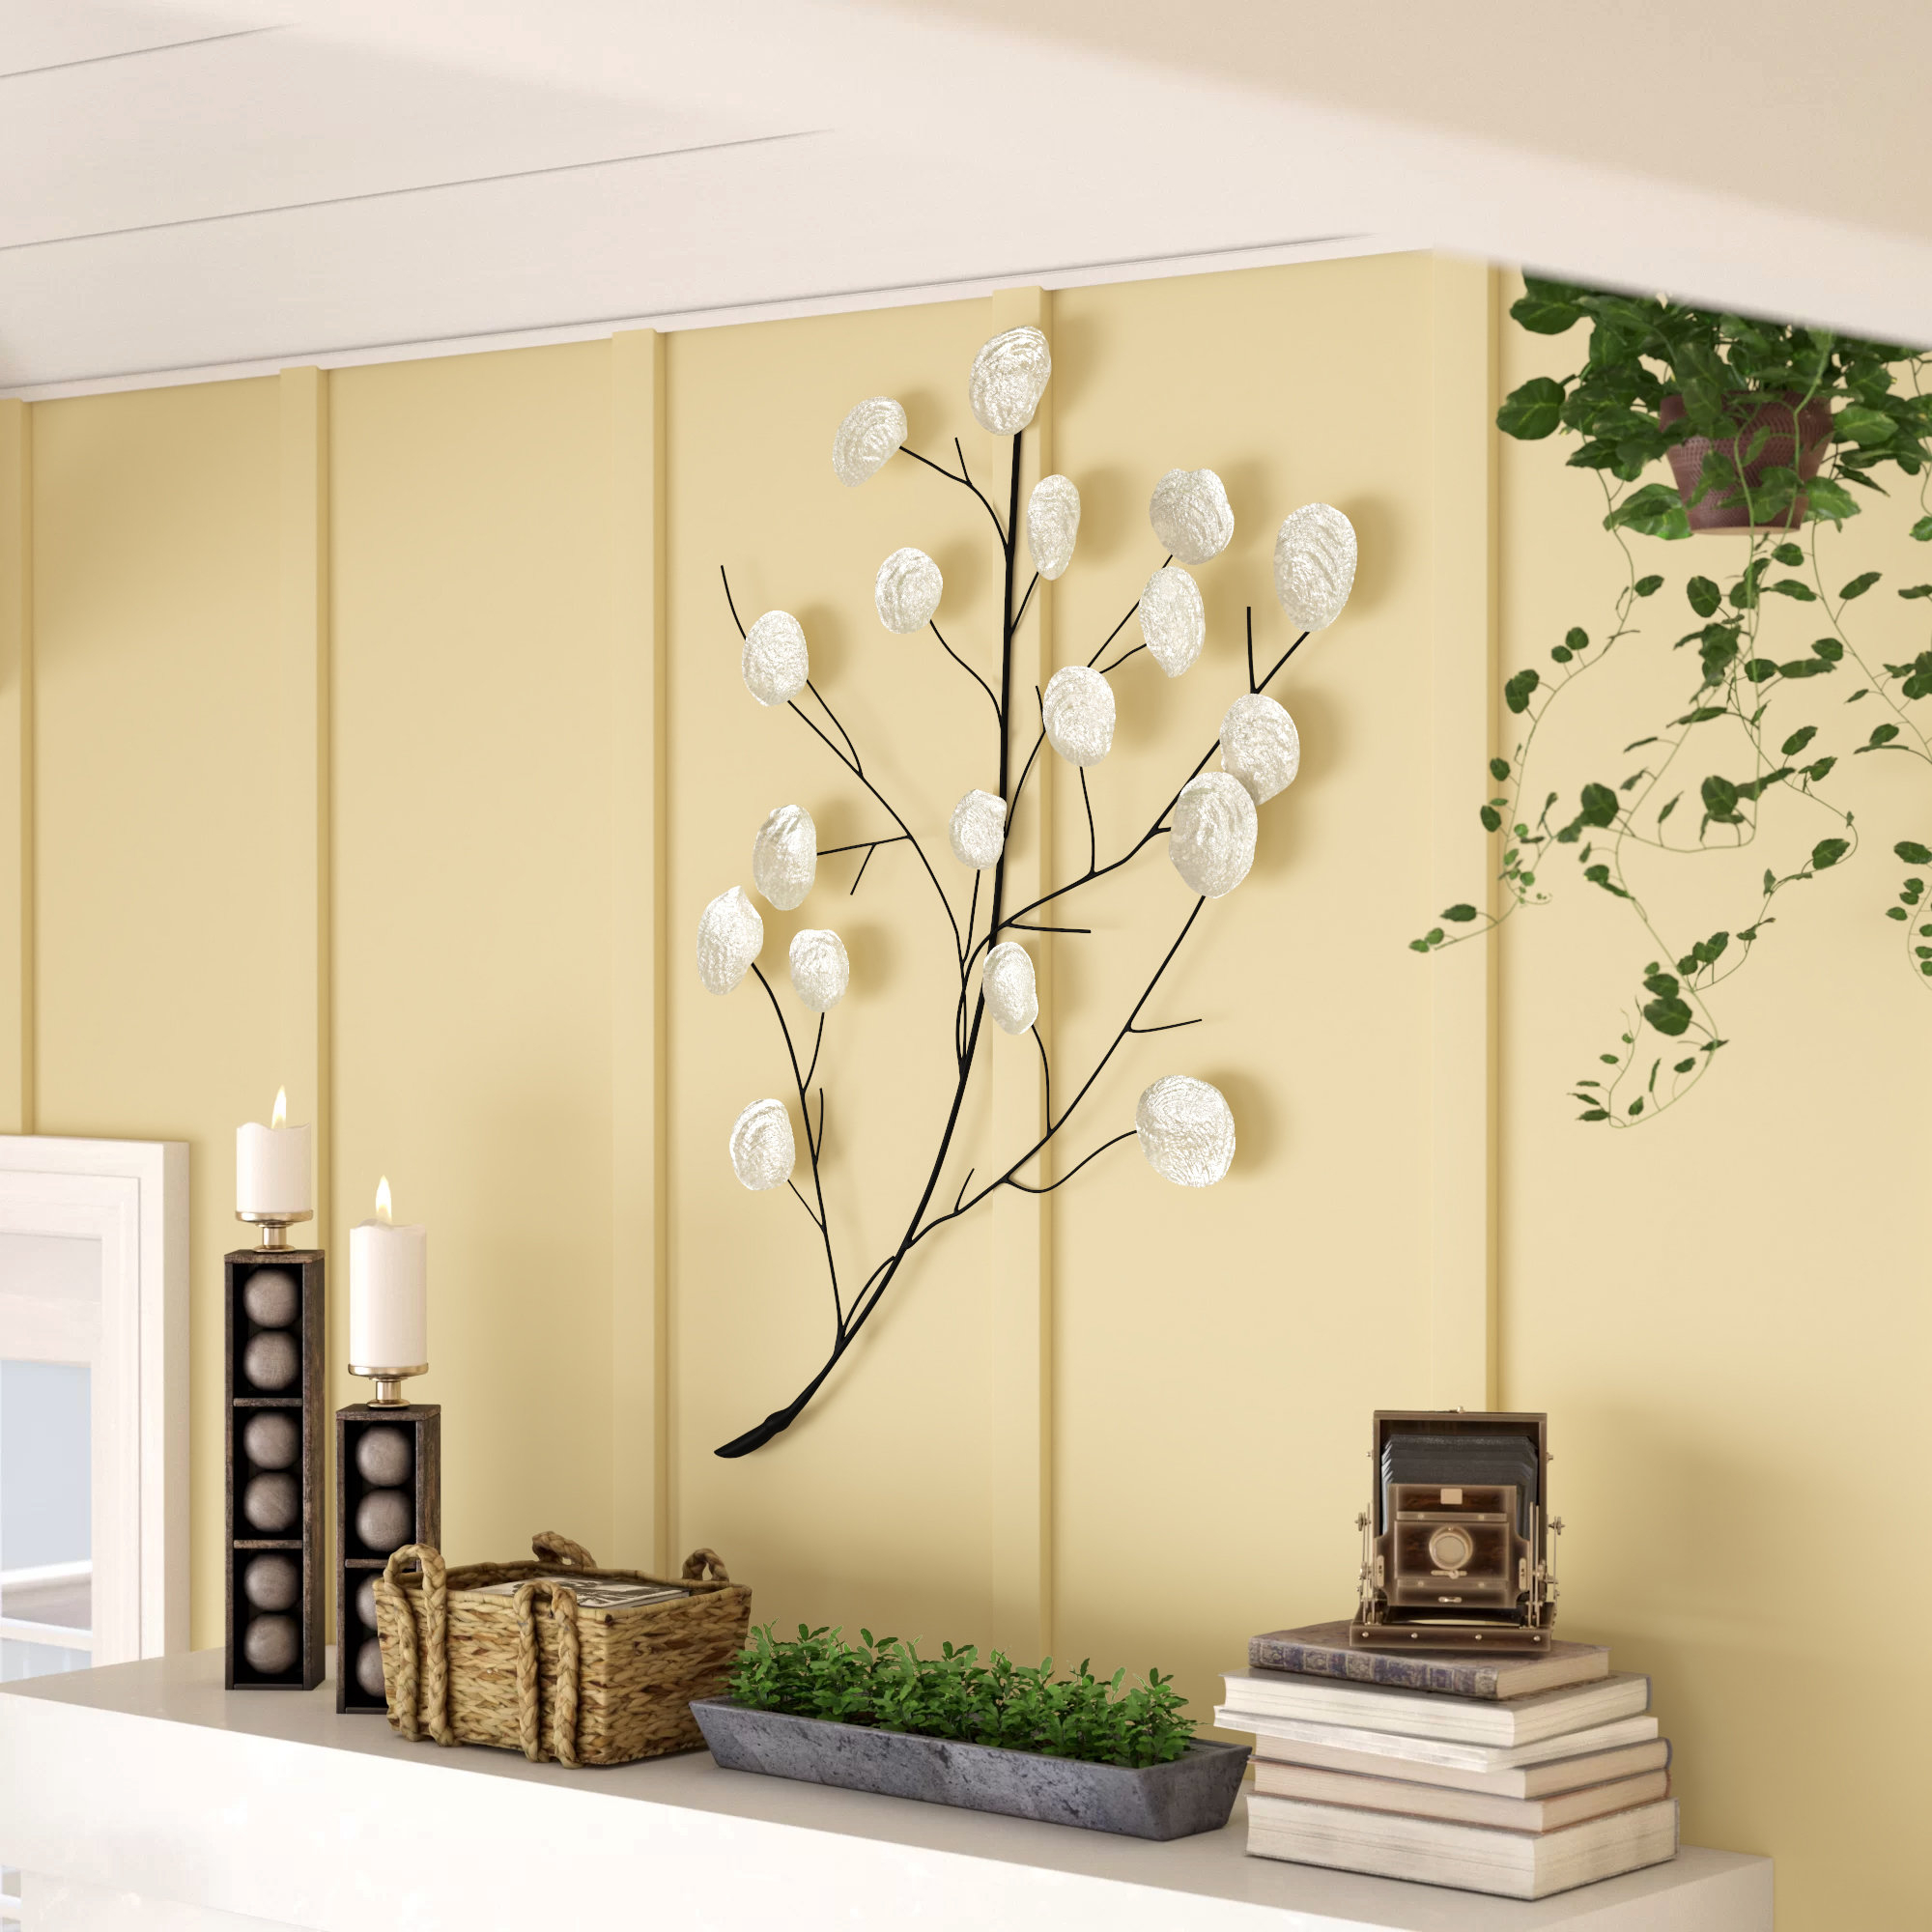 Brattea Leaf Wall Decor | Wayfair For Desford Leaf Wall Decor (View 6 of 30)